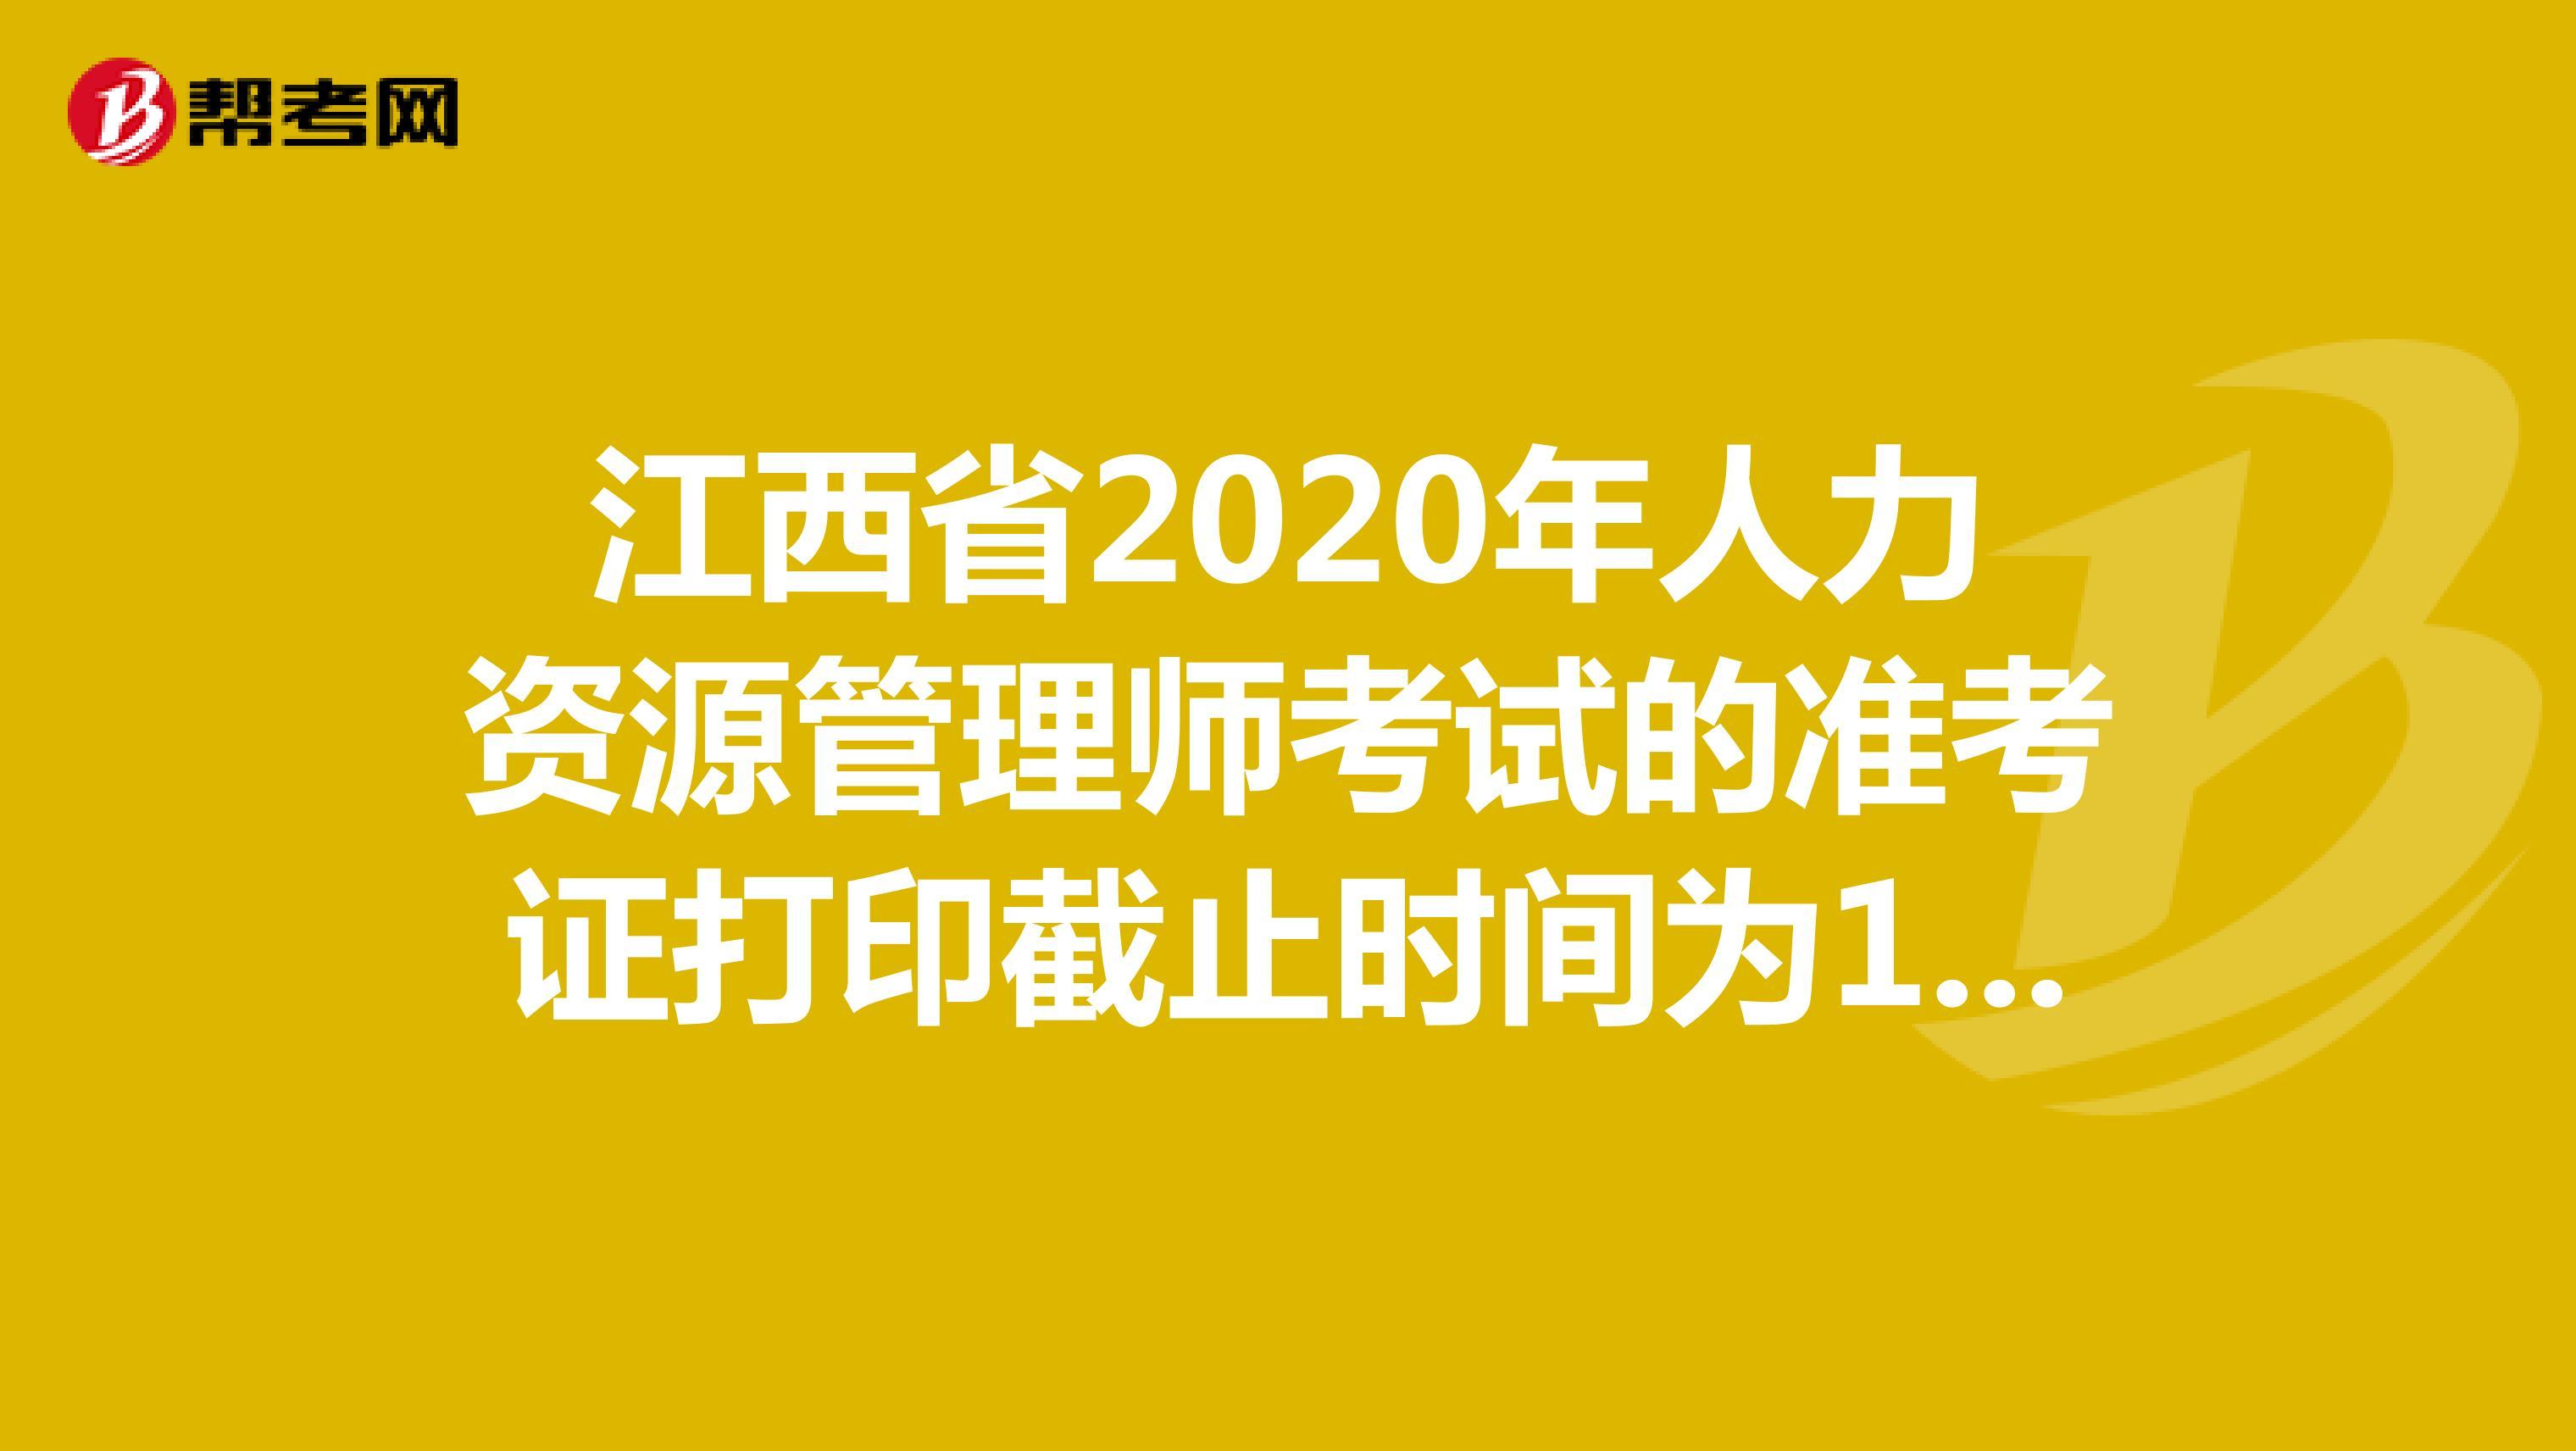 江西省2020年人力資源管理師考試的準考證打印截止時間為11月27日!